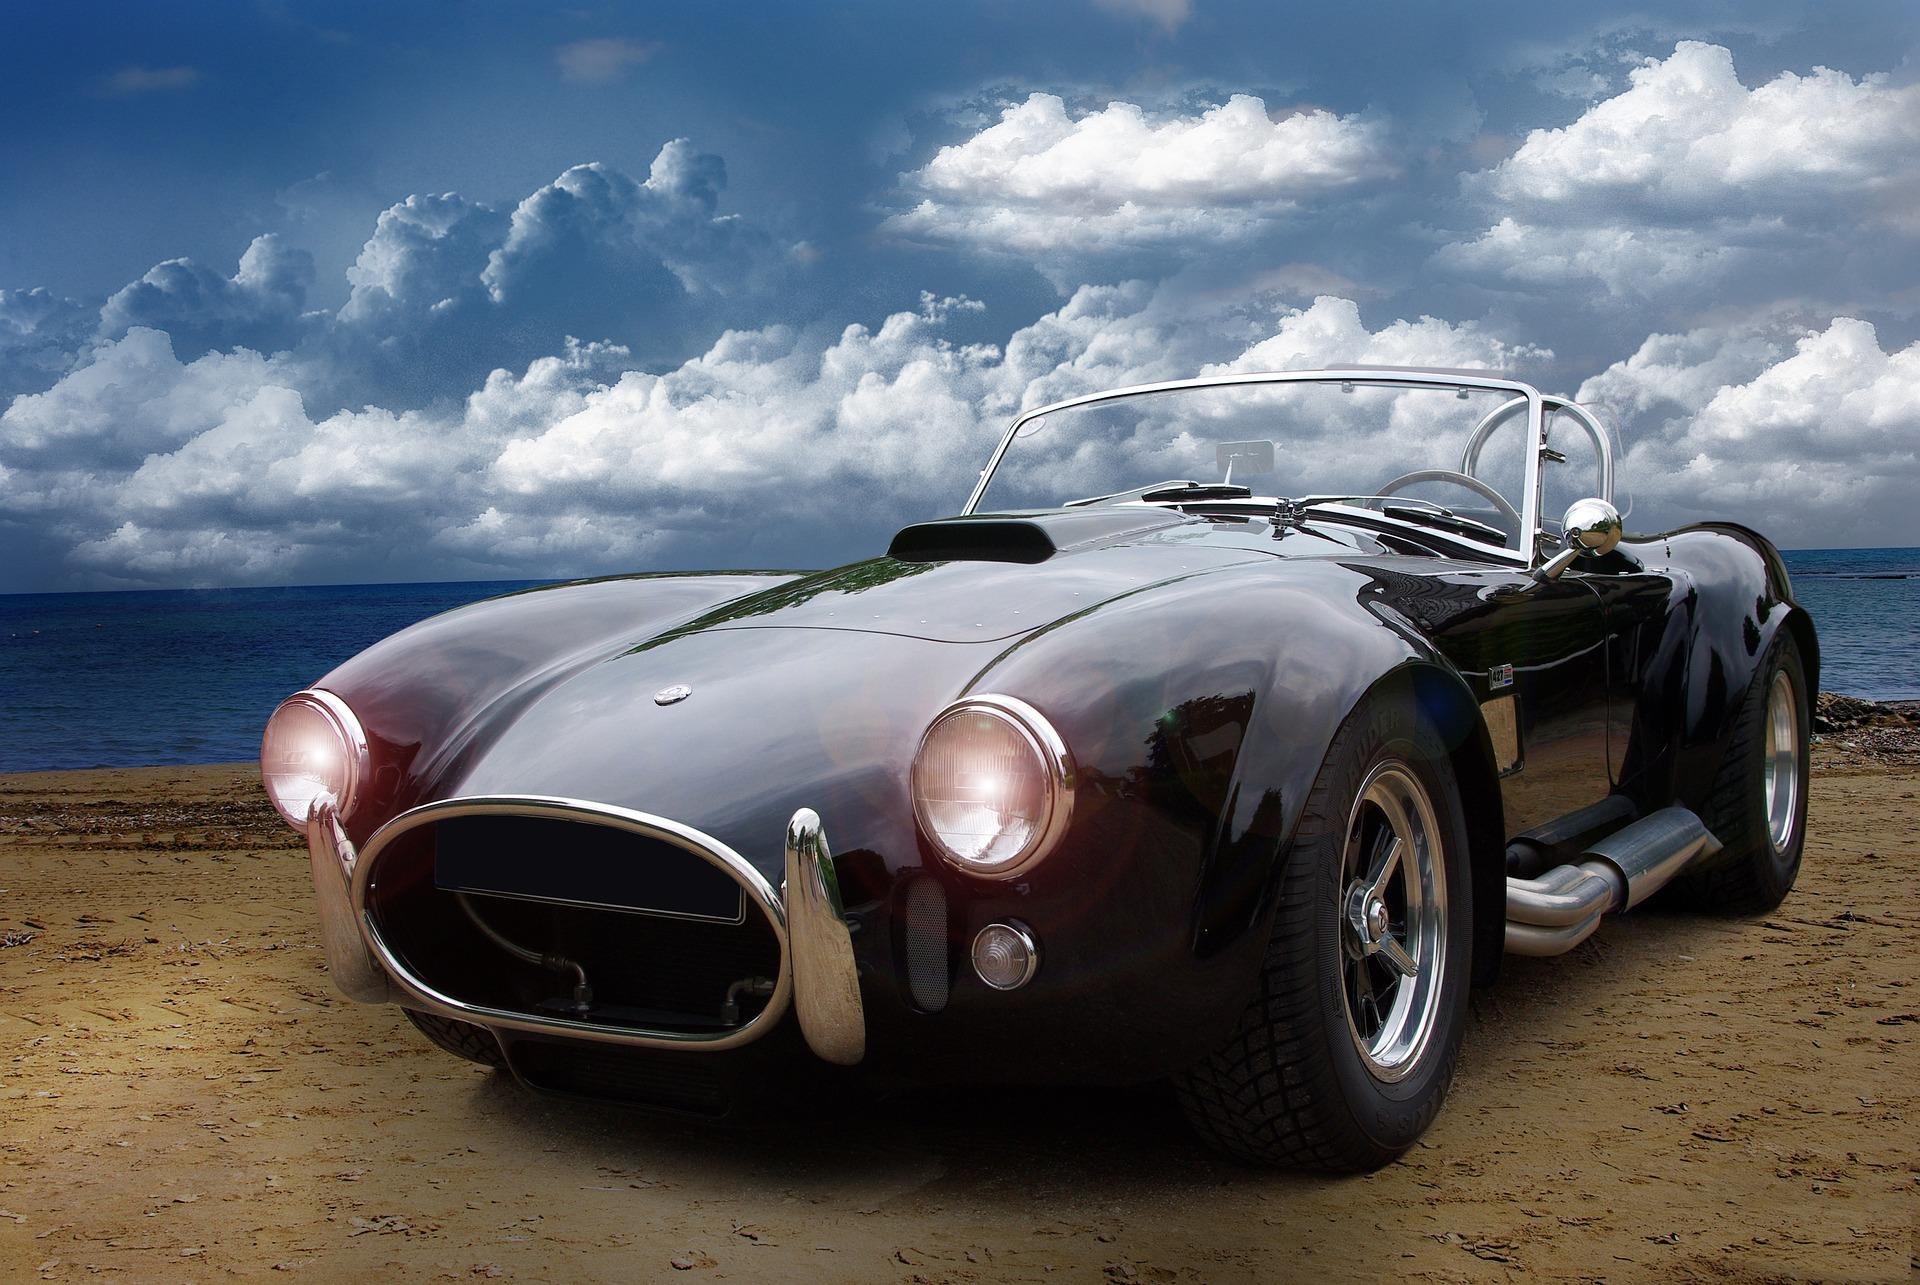 Auto, Cobra, Klassiker, Zeit, Automobil, Jahrgang - Wallpaper HD - Prof.-falken.com